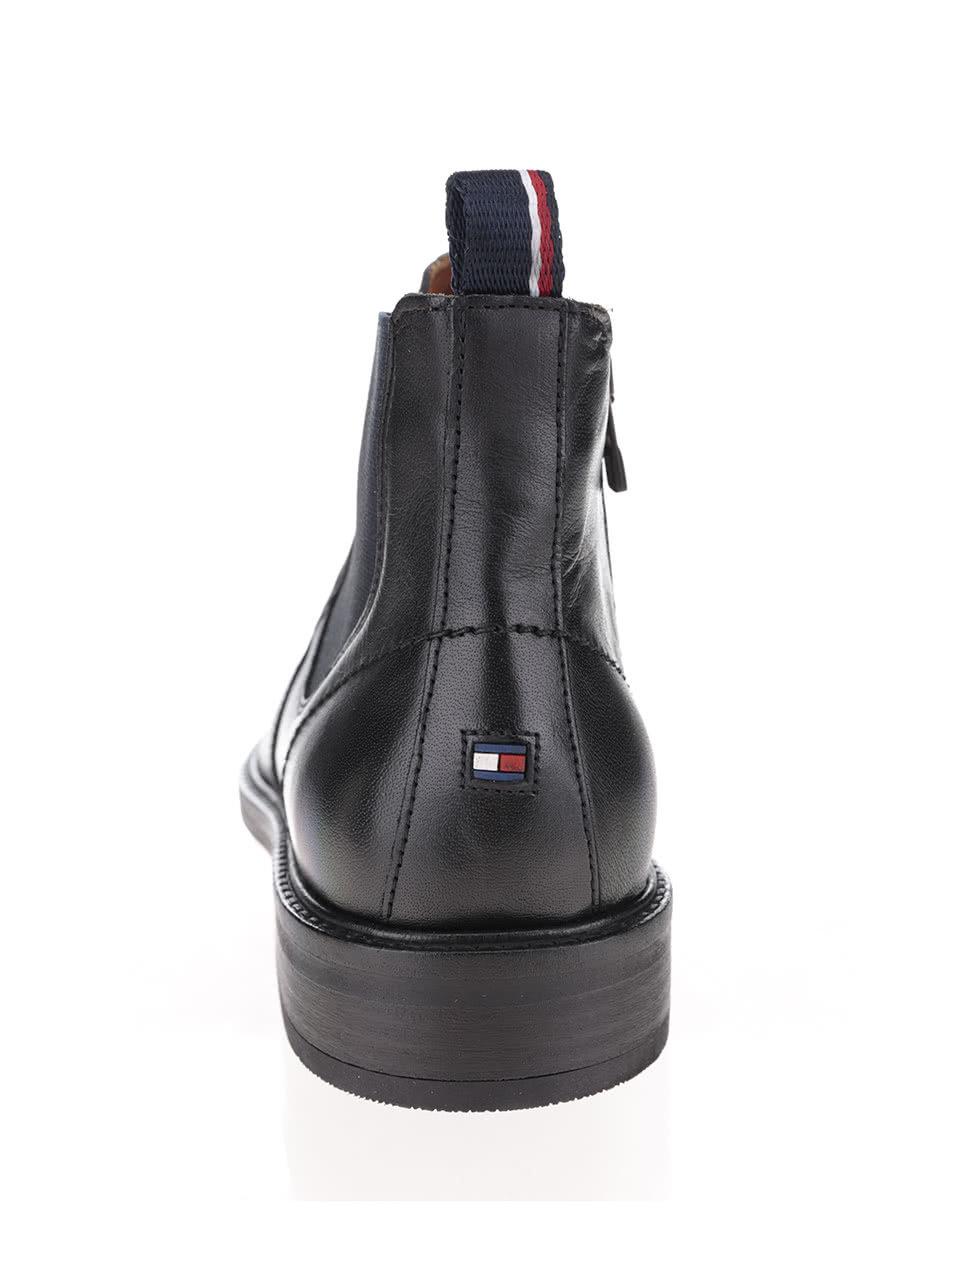 6e50f87e808 Černé pánské kožené chelsea boty Tommy Hilfiger ...